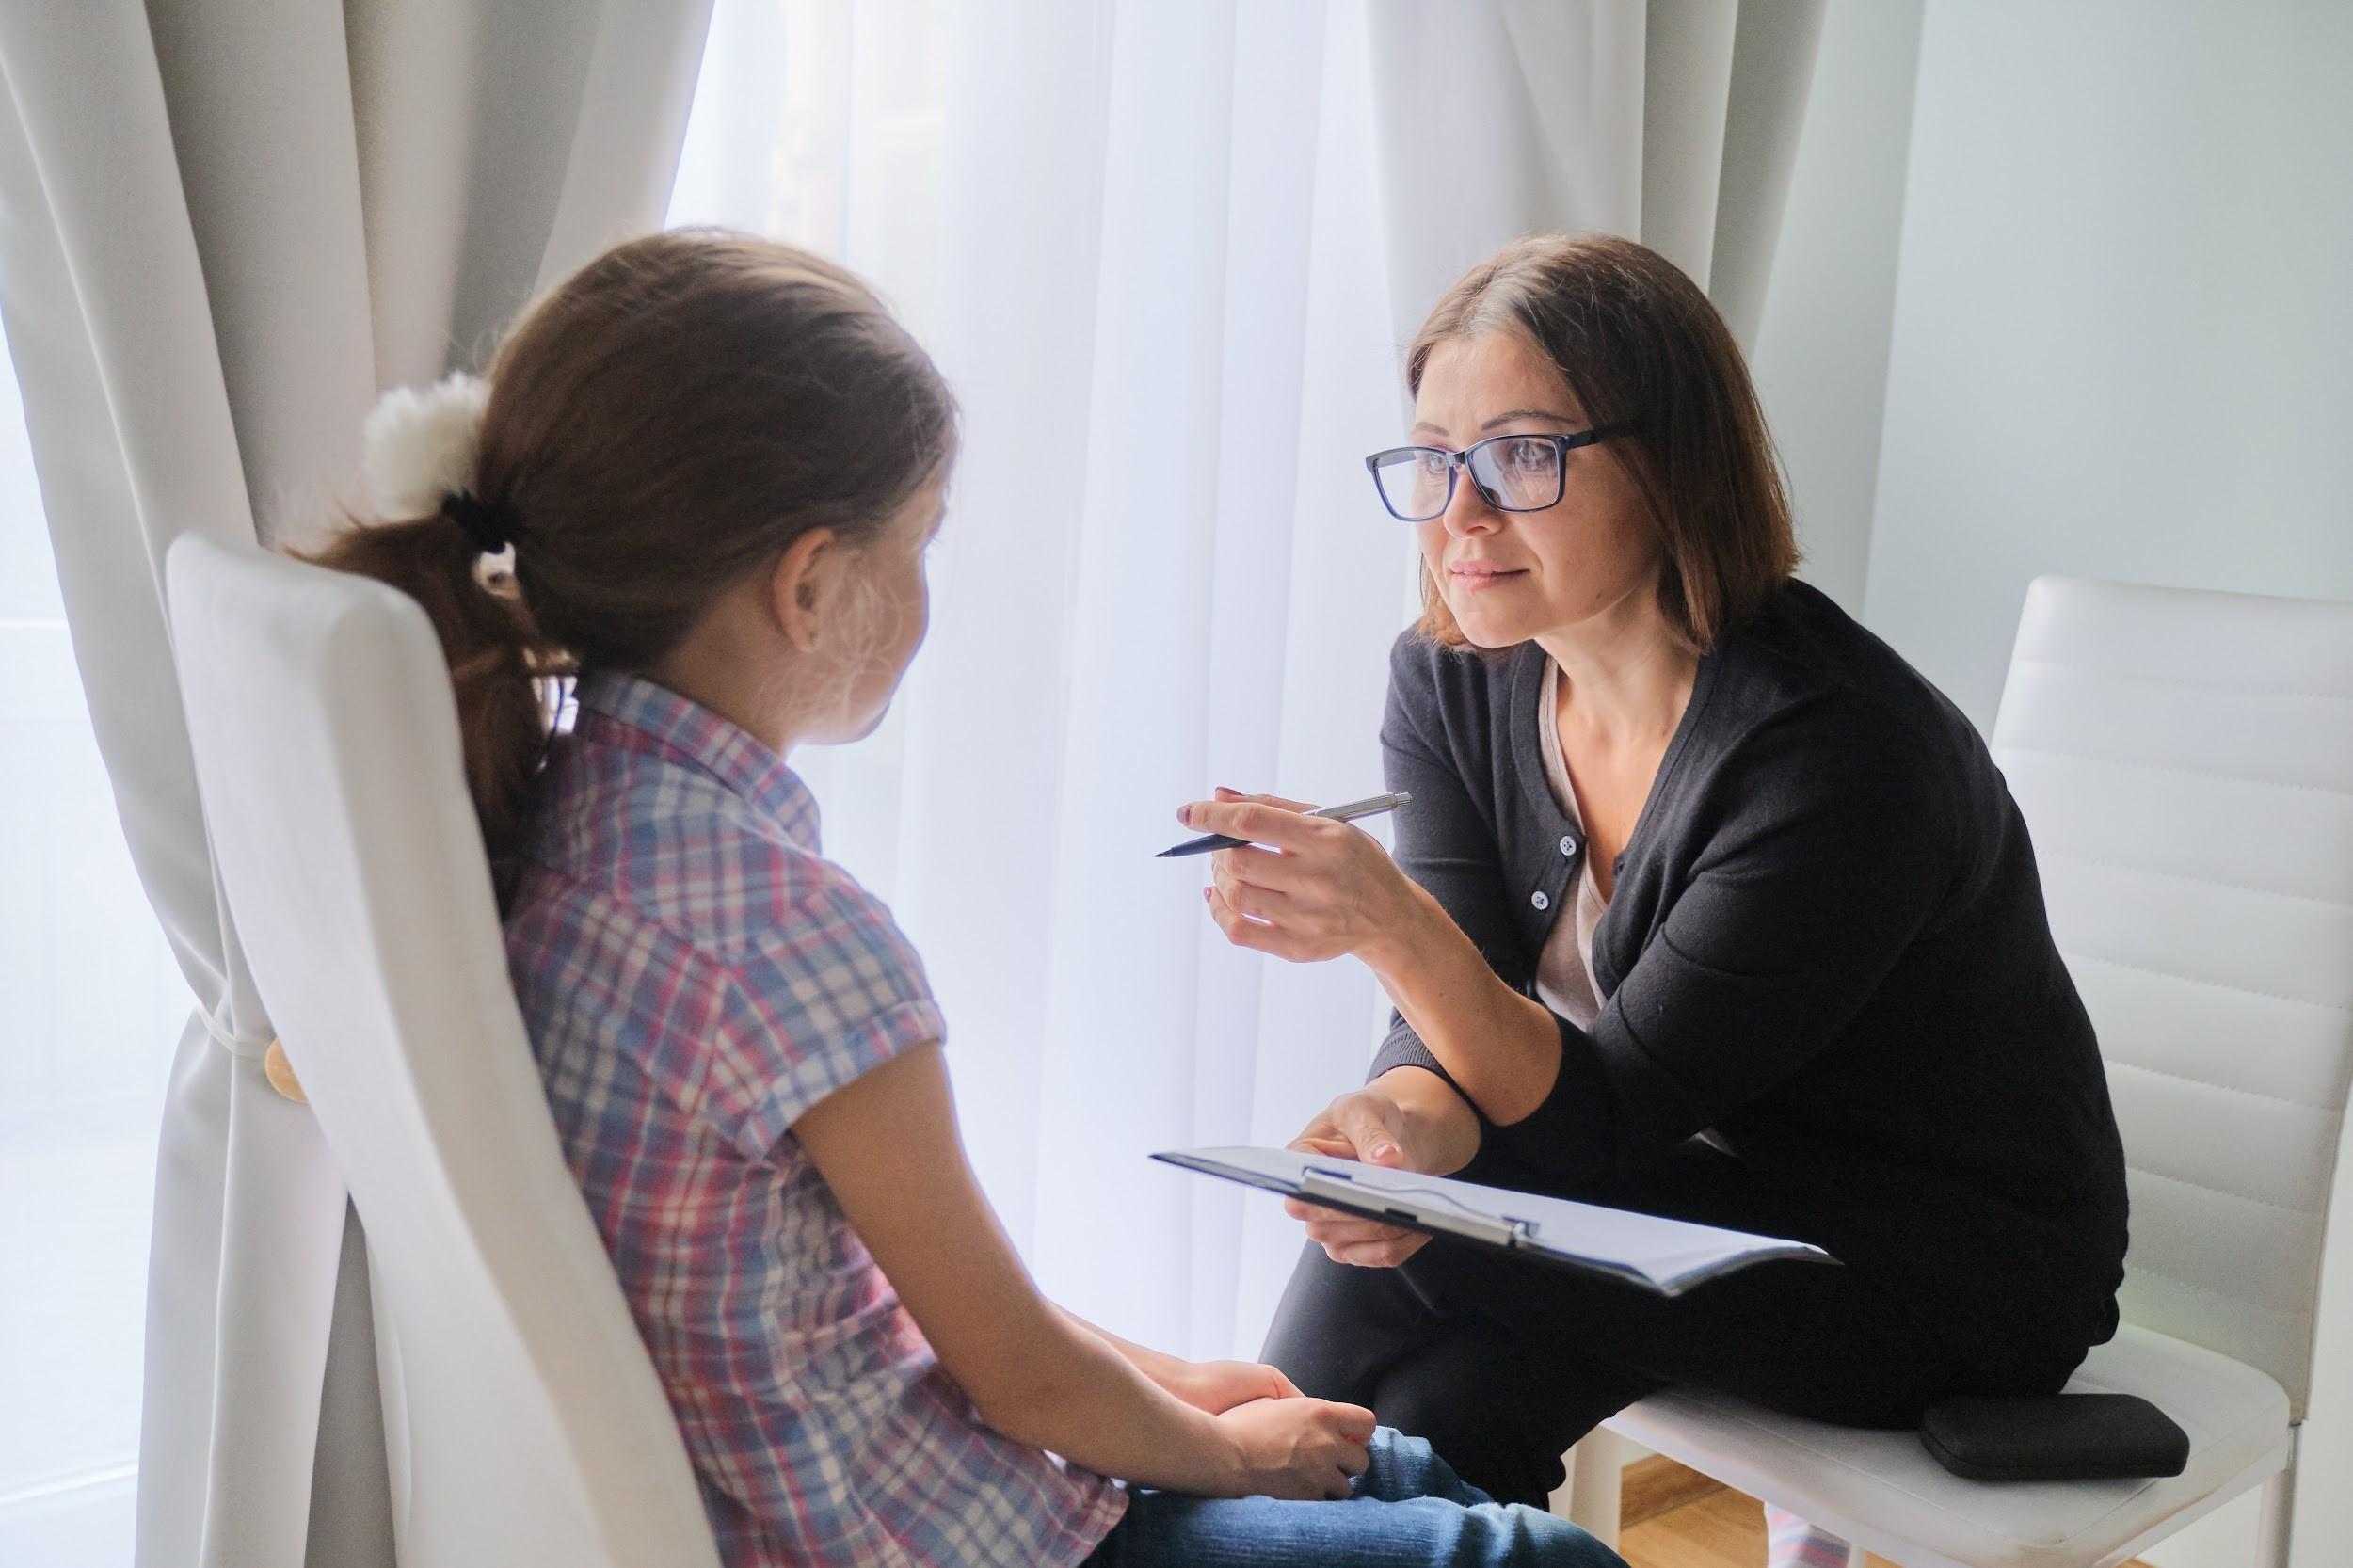 Orosanmälan utsatta barn